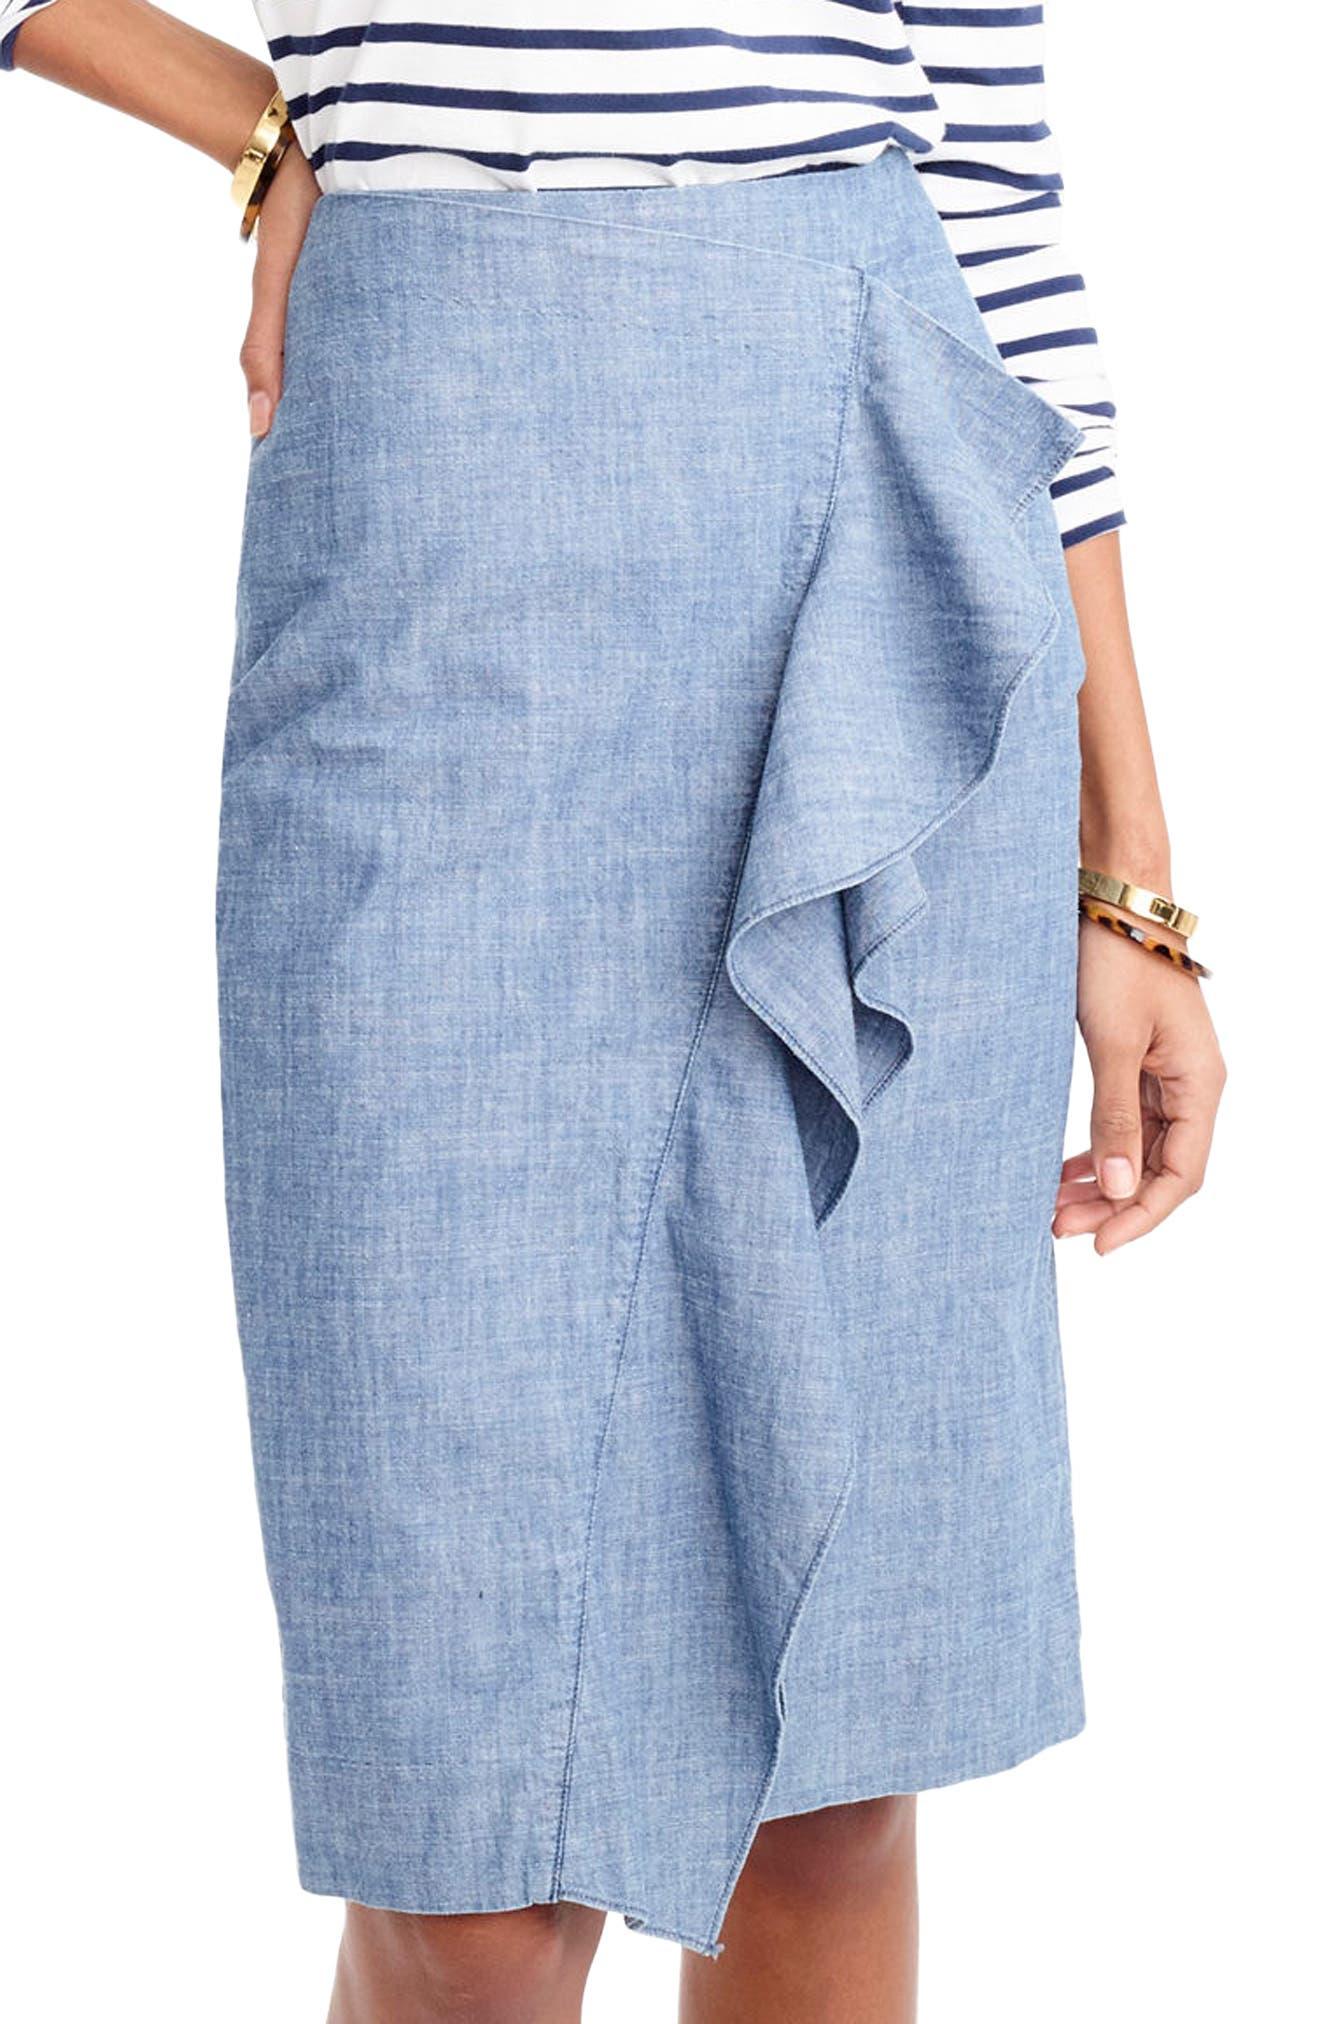 Main Image - J.Crew Chambray Ruffle Skirt